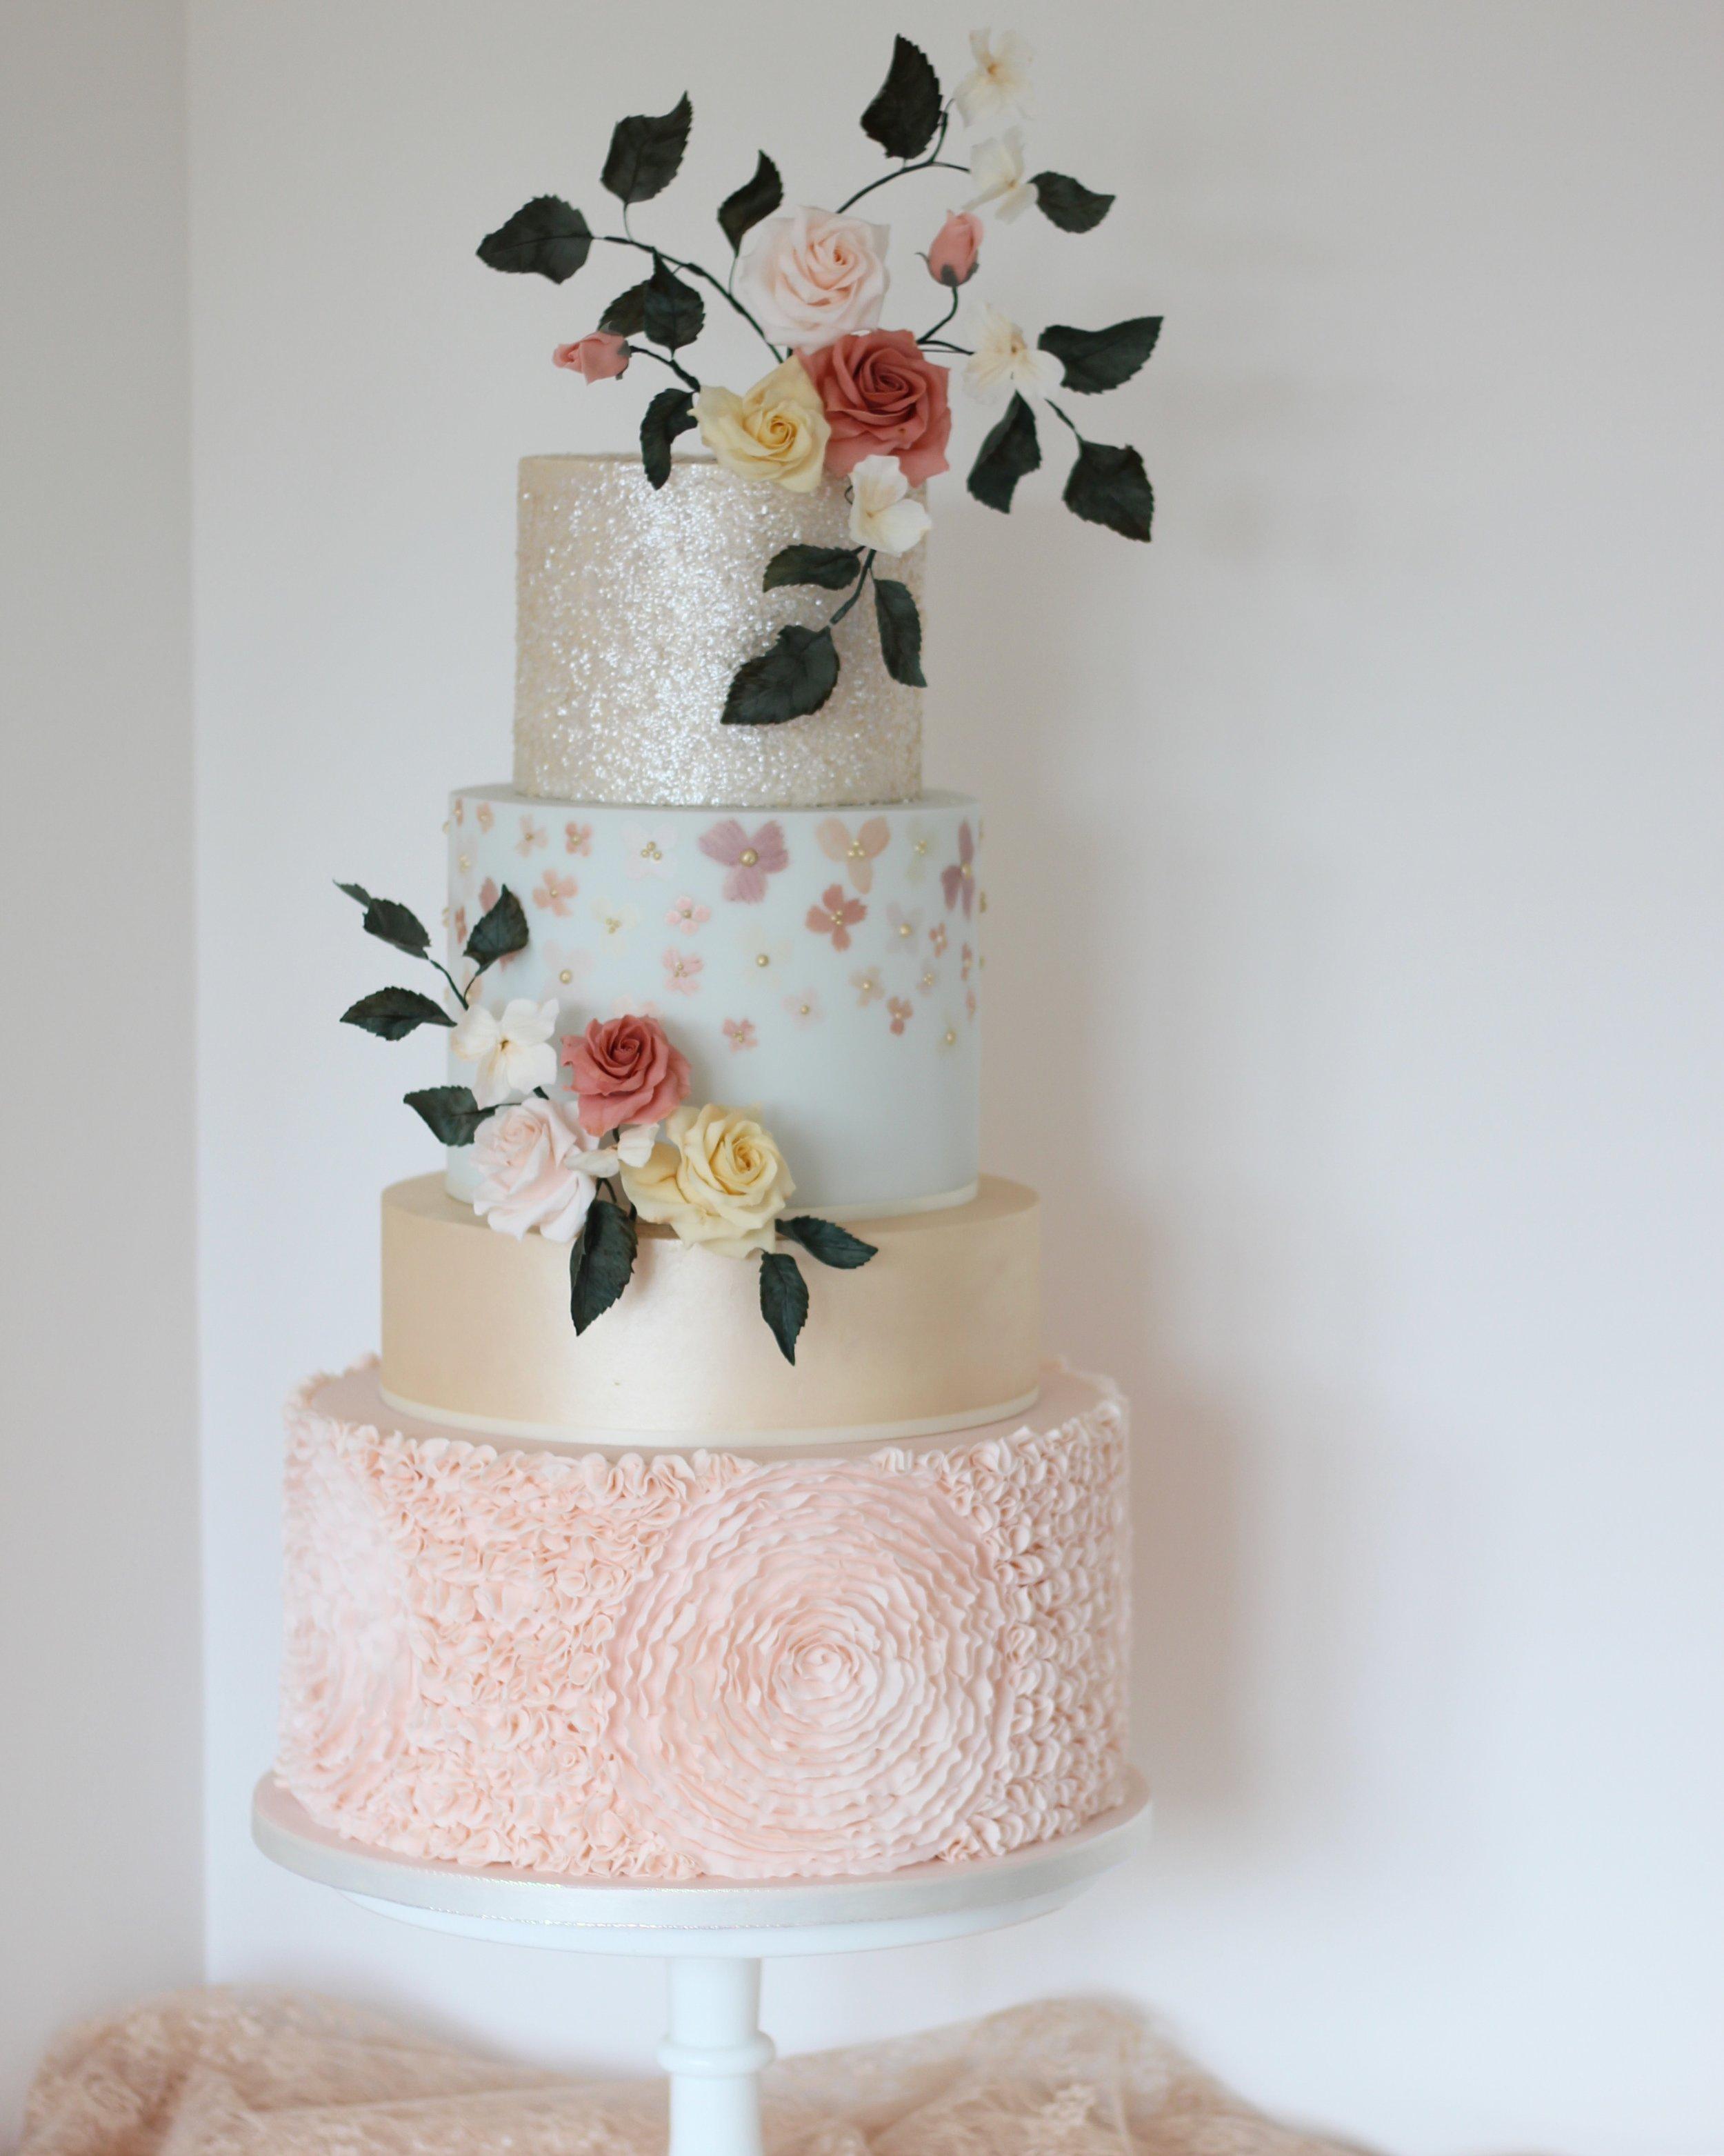 Wedding-cake-squires-kitchen-surrey-hampshire-sparkle-bakes.JPG